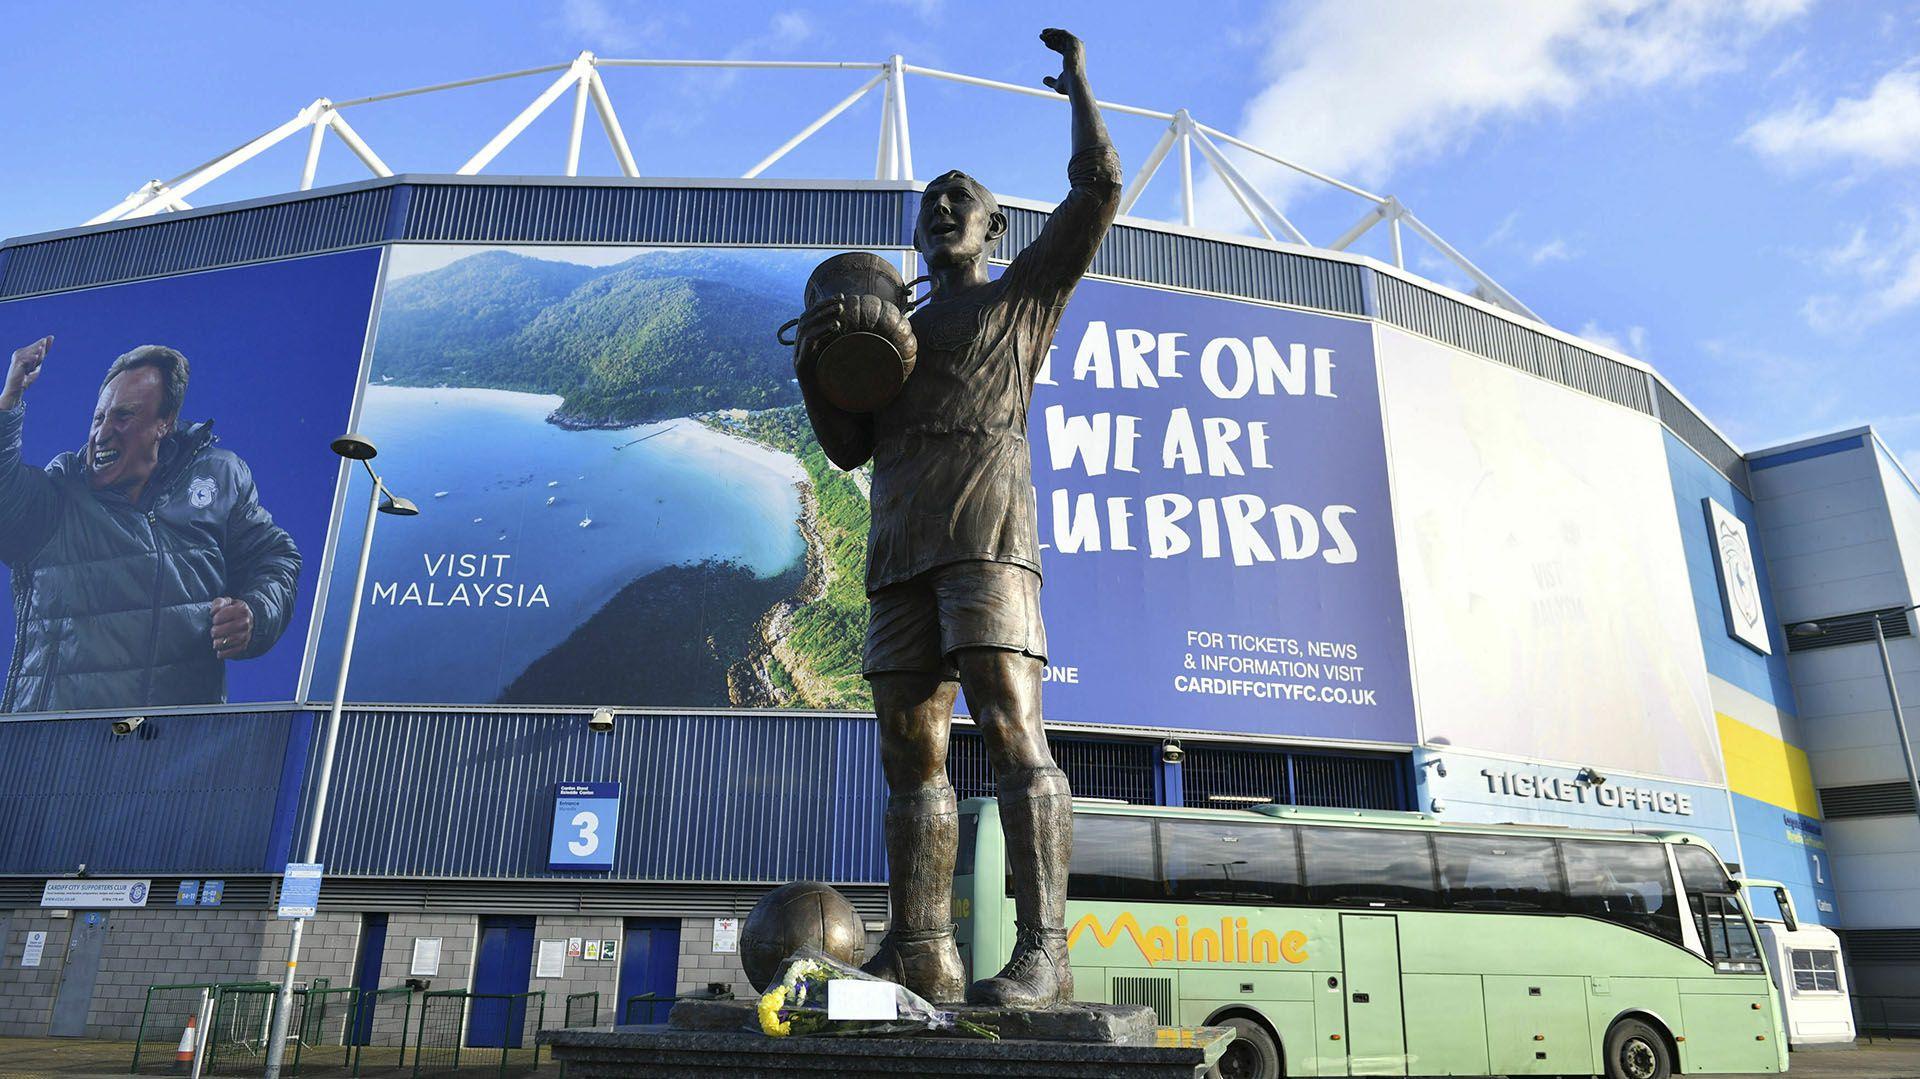 El futbolista acababa de firmar un nuevo contato con el Cardiff